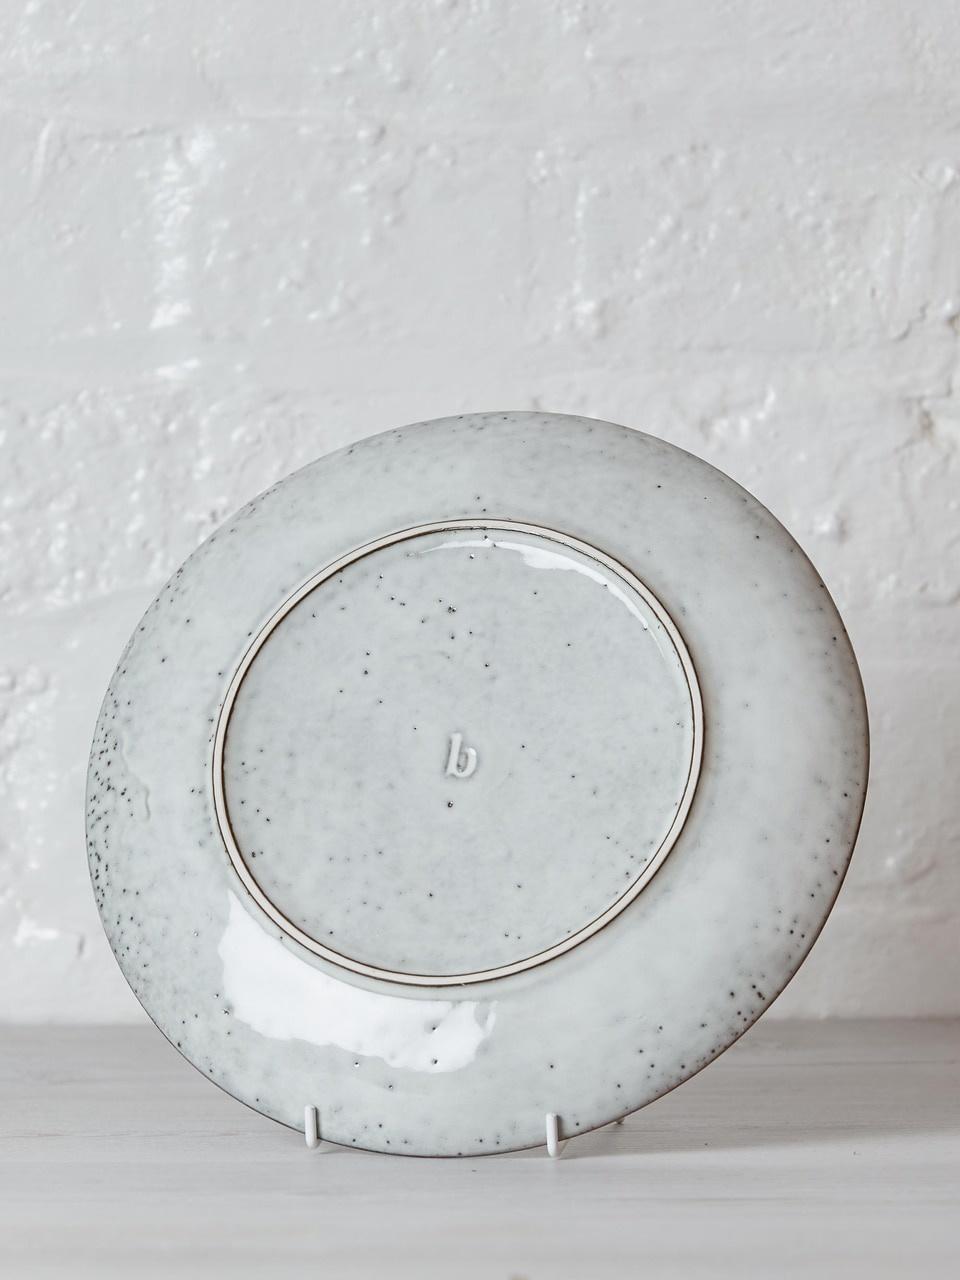 Broste Copenhagen Dinerbord Nordic Sand - ø26cm - set van 4-14533019-5710688040681